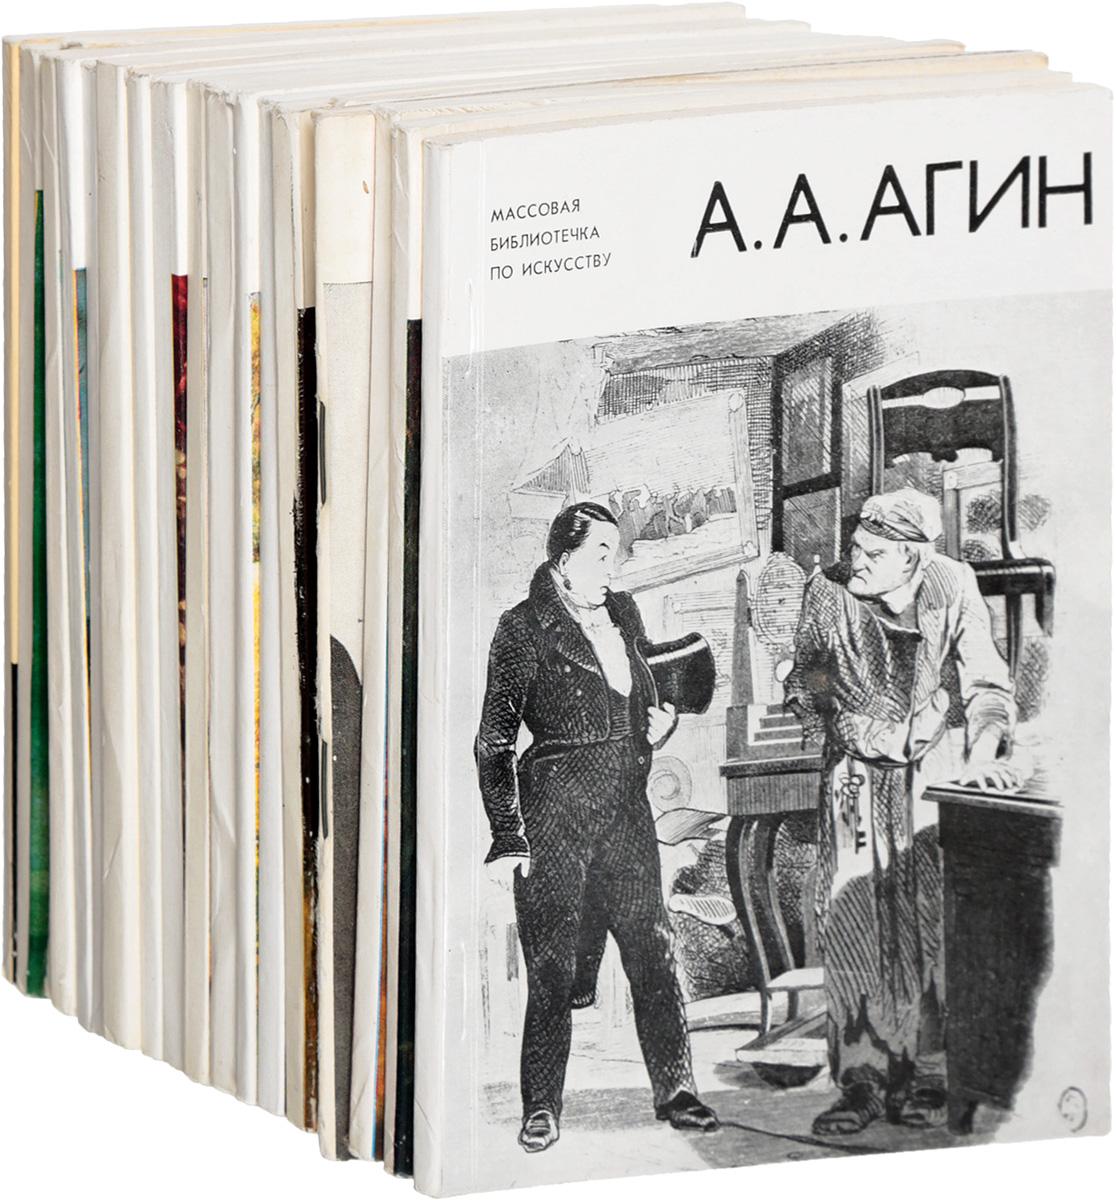 Массовая библиотека по искусству (комплект из 19 книг) путеводитель по искусству